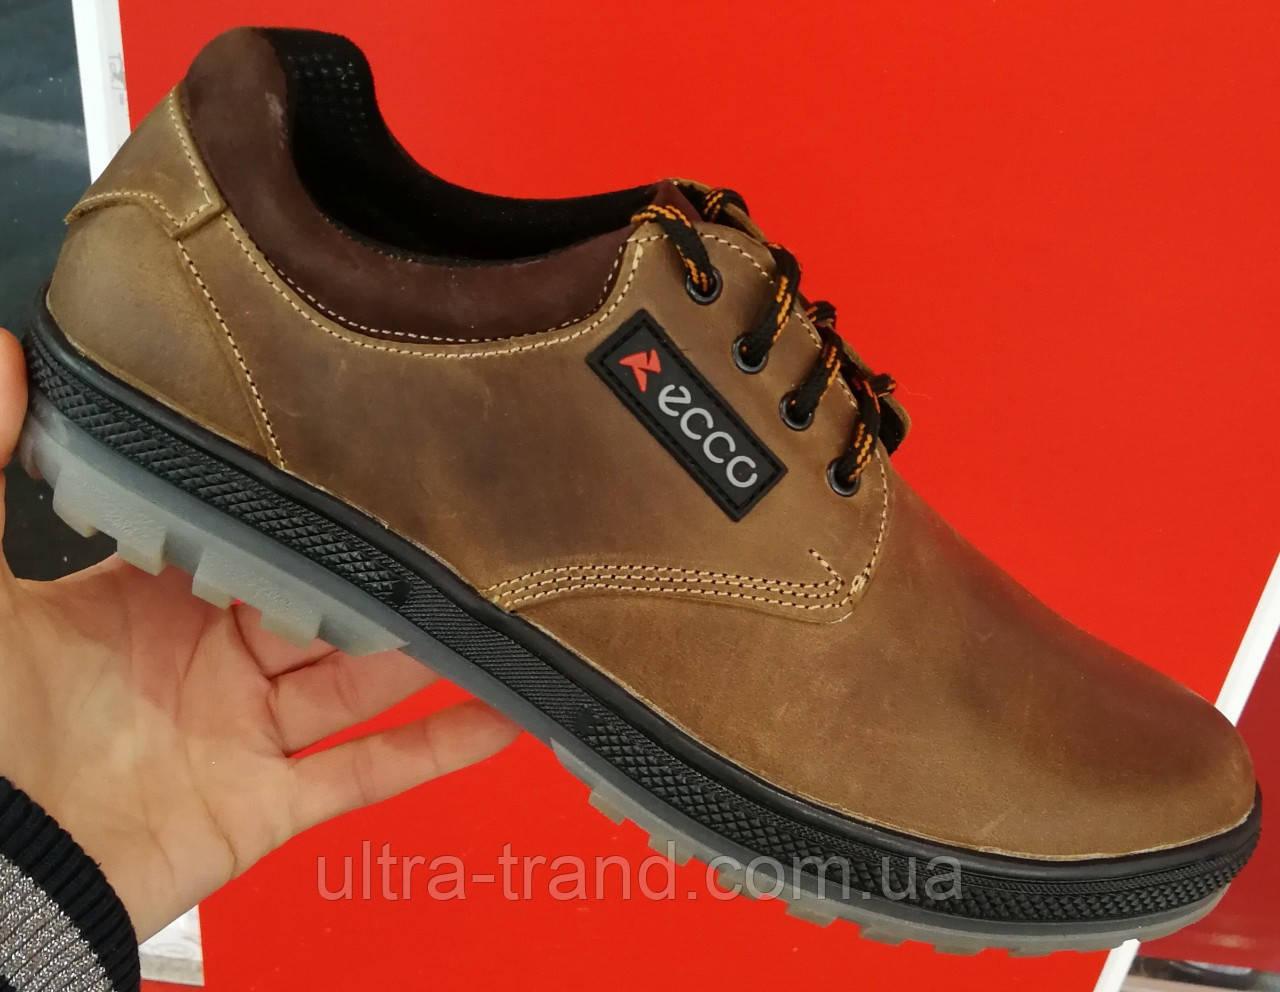 ECCO кожаные туфли осень из натуральной кожи ботинки обувь реплика -  Интернет магазин Ultra-Trend c2f0624e4b82b